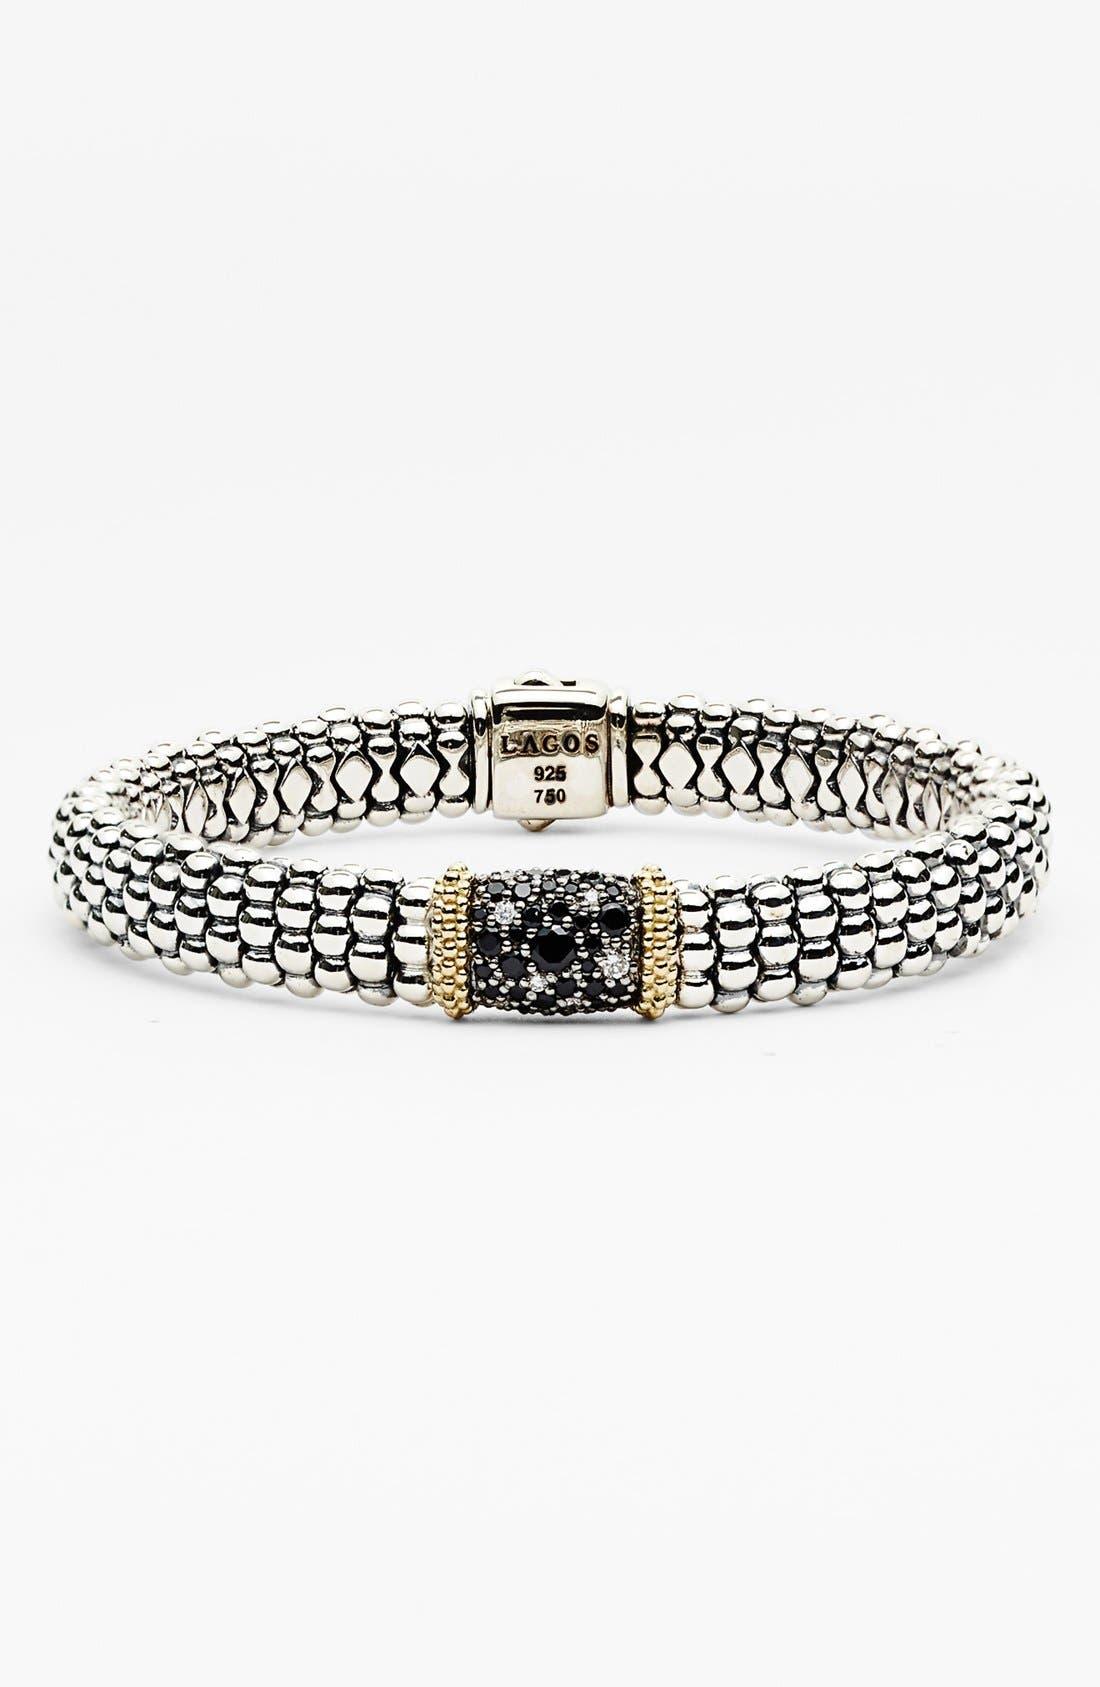 Main Image - Lagos 'Nightfall' Caviar™ Diamond & Black Spinel Rope Bracelet